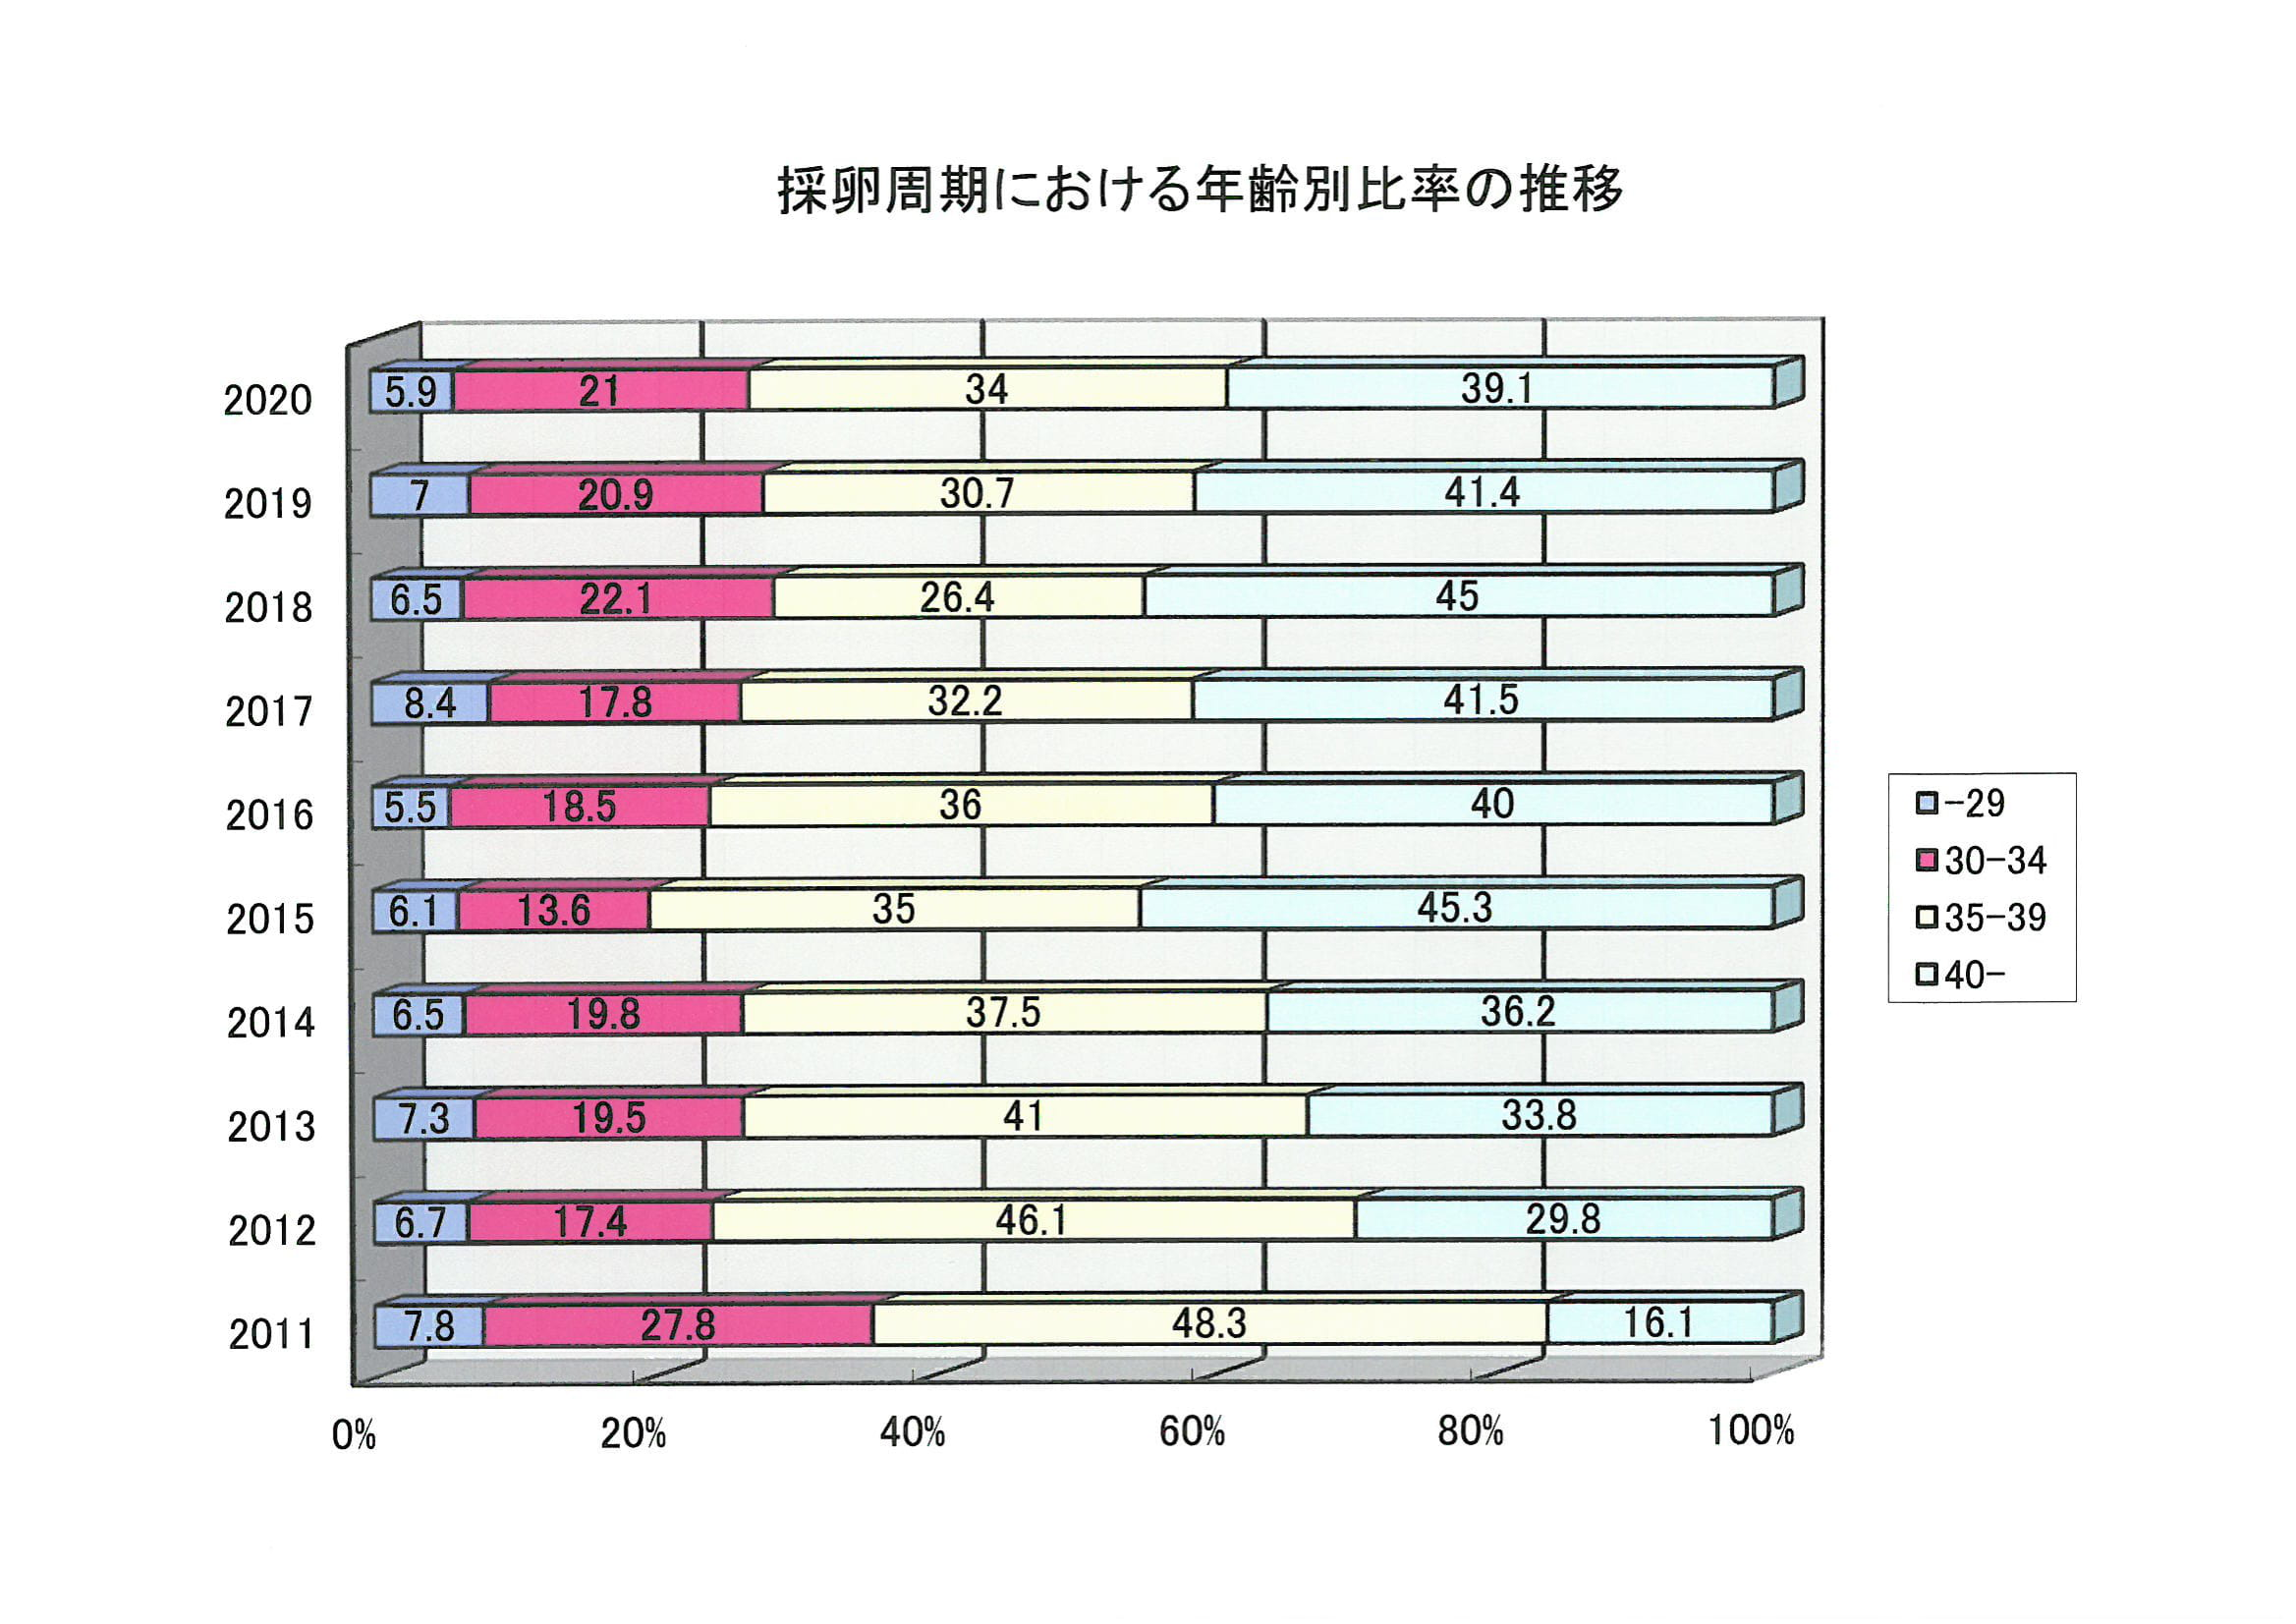 排卵周期における年齢別比率の推移